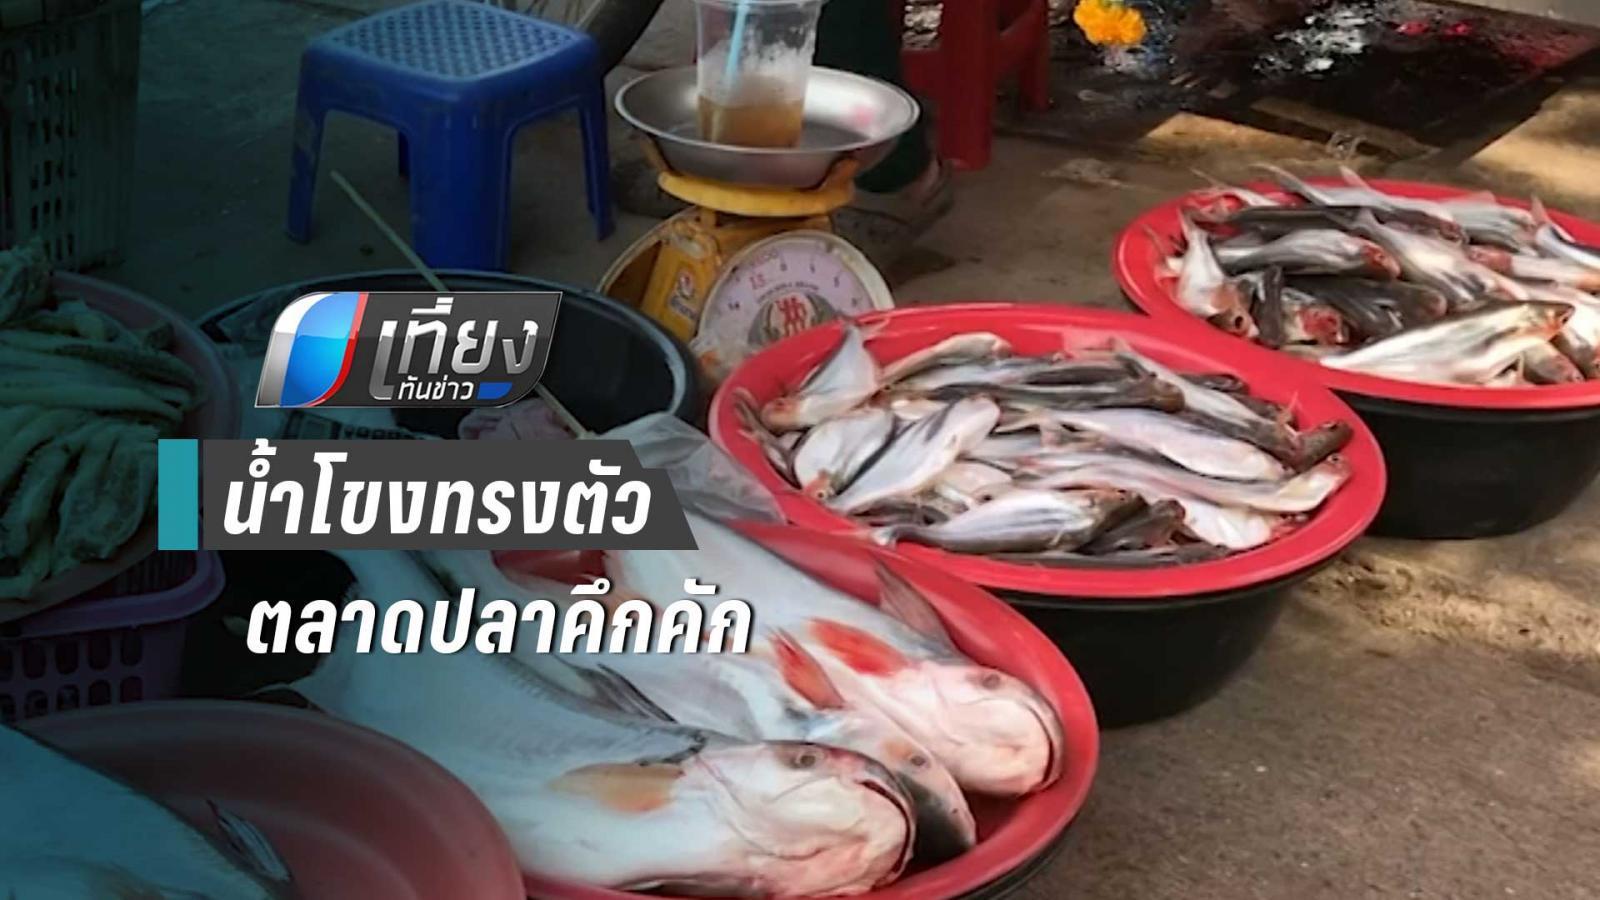 น้ำโขงหนองคายทรงตัว ตลาดปลาคึกคัก